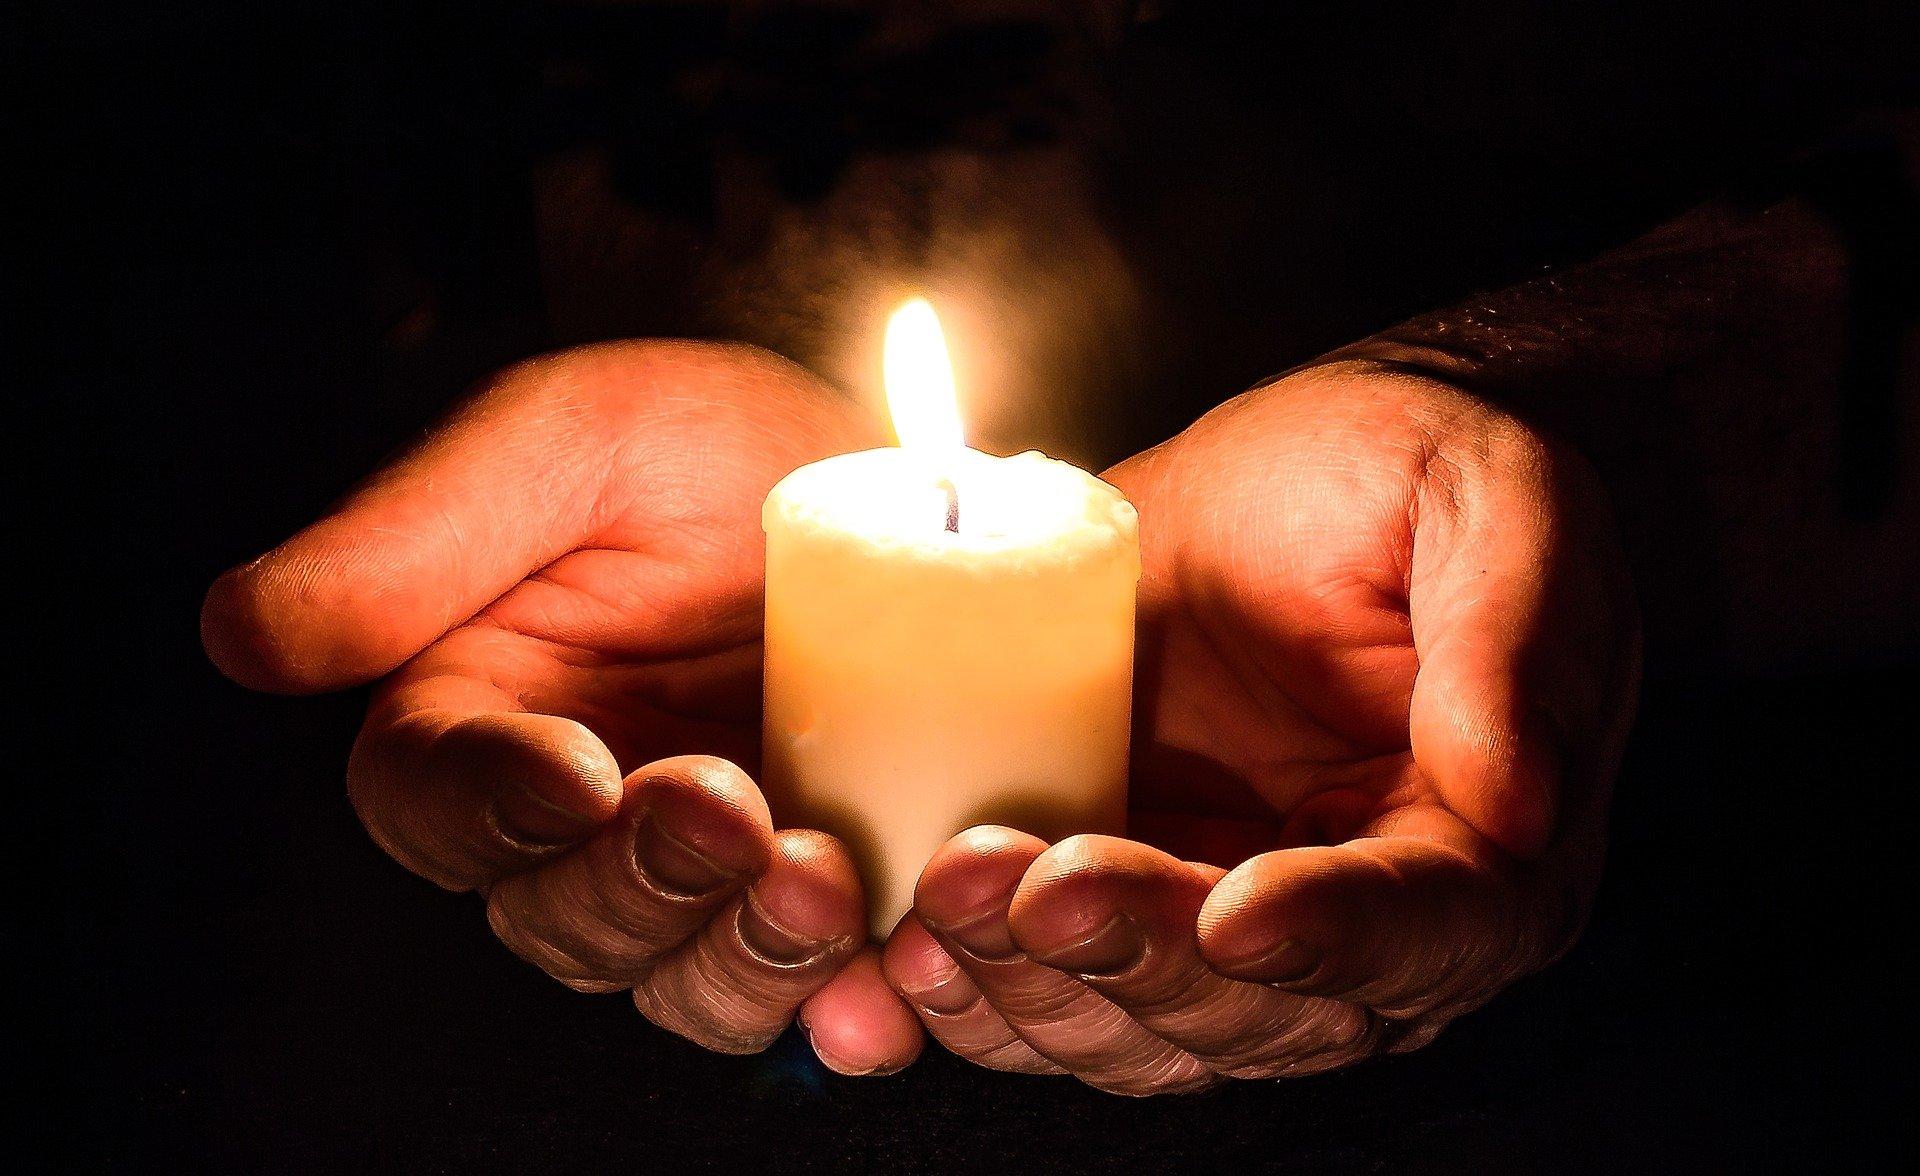 رجل يحمل شمعة بكلتا يديه